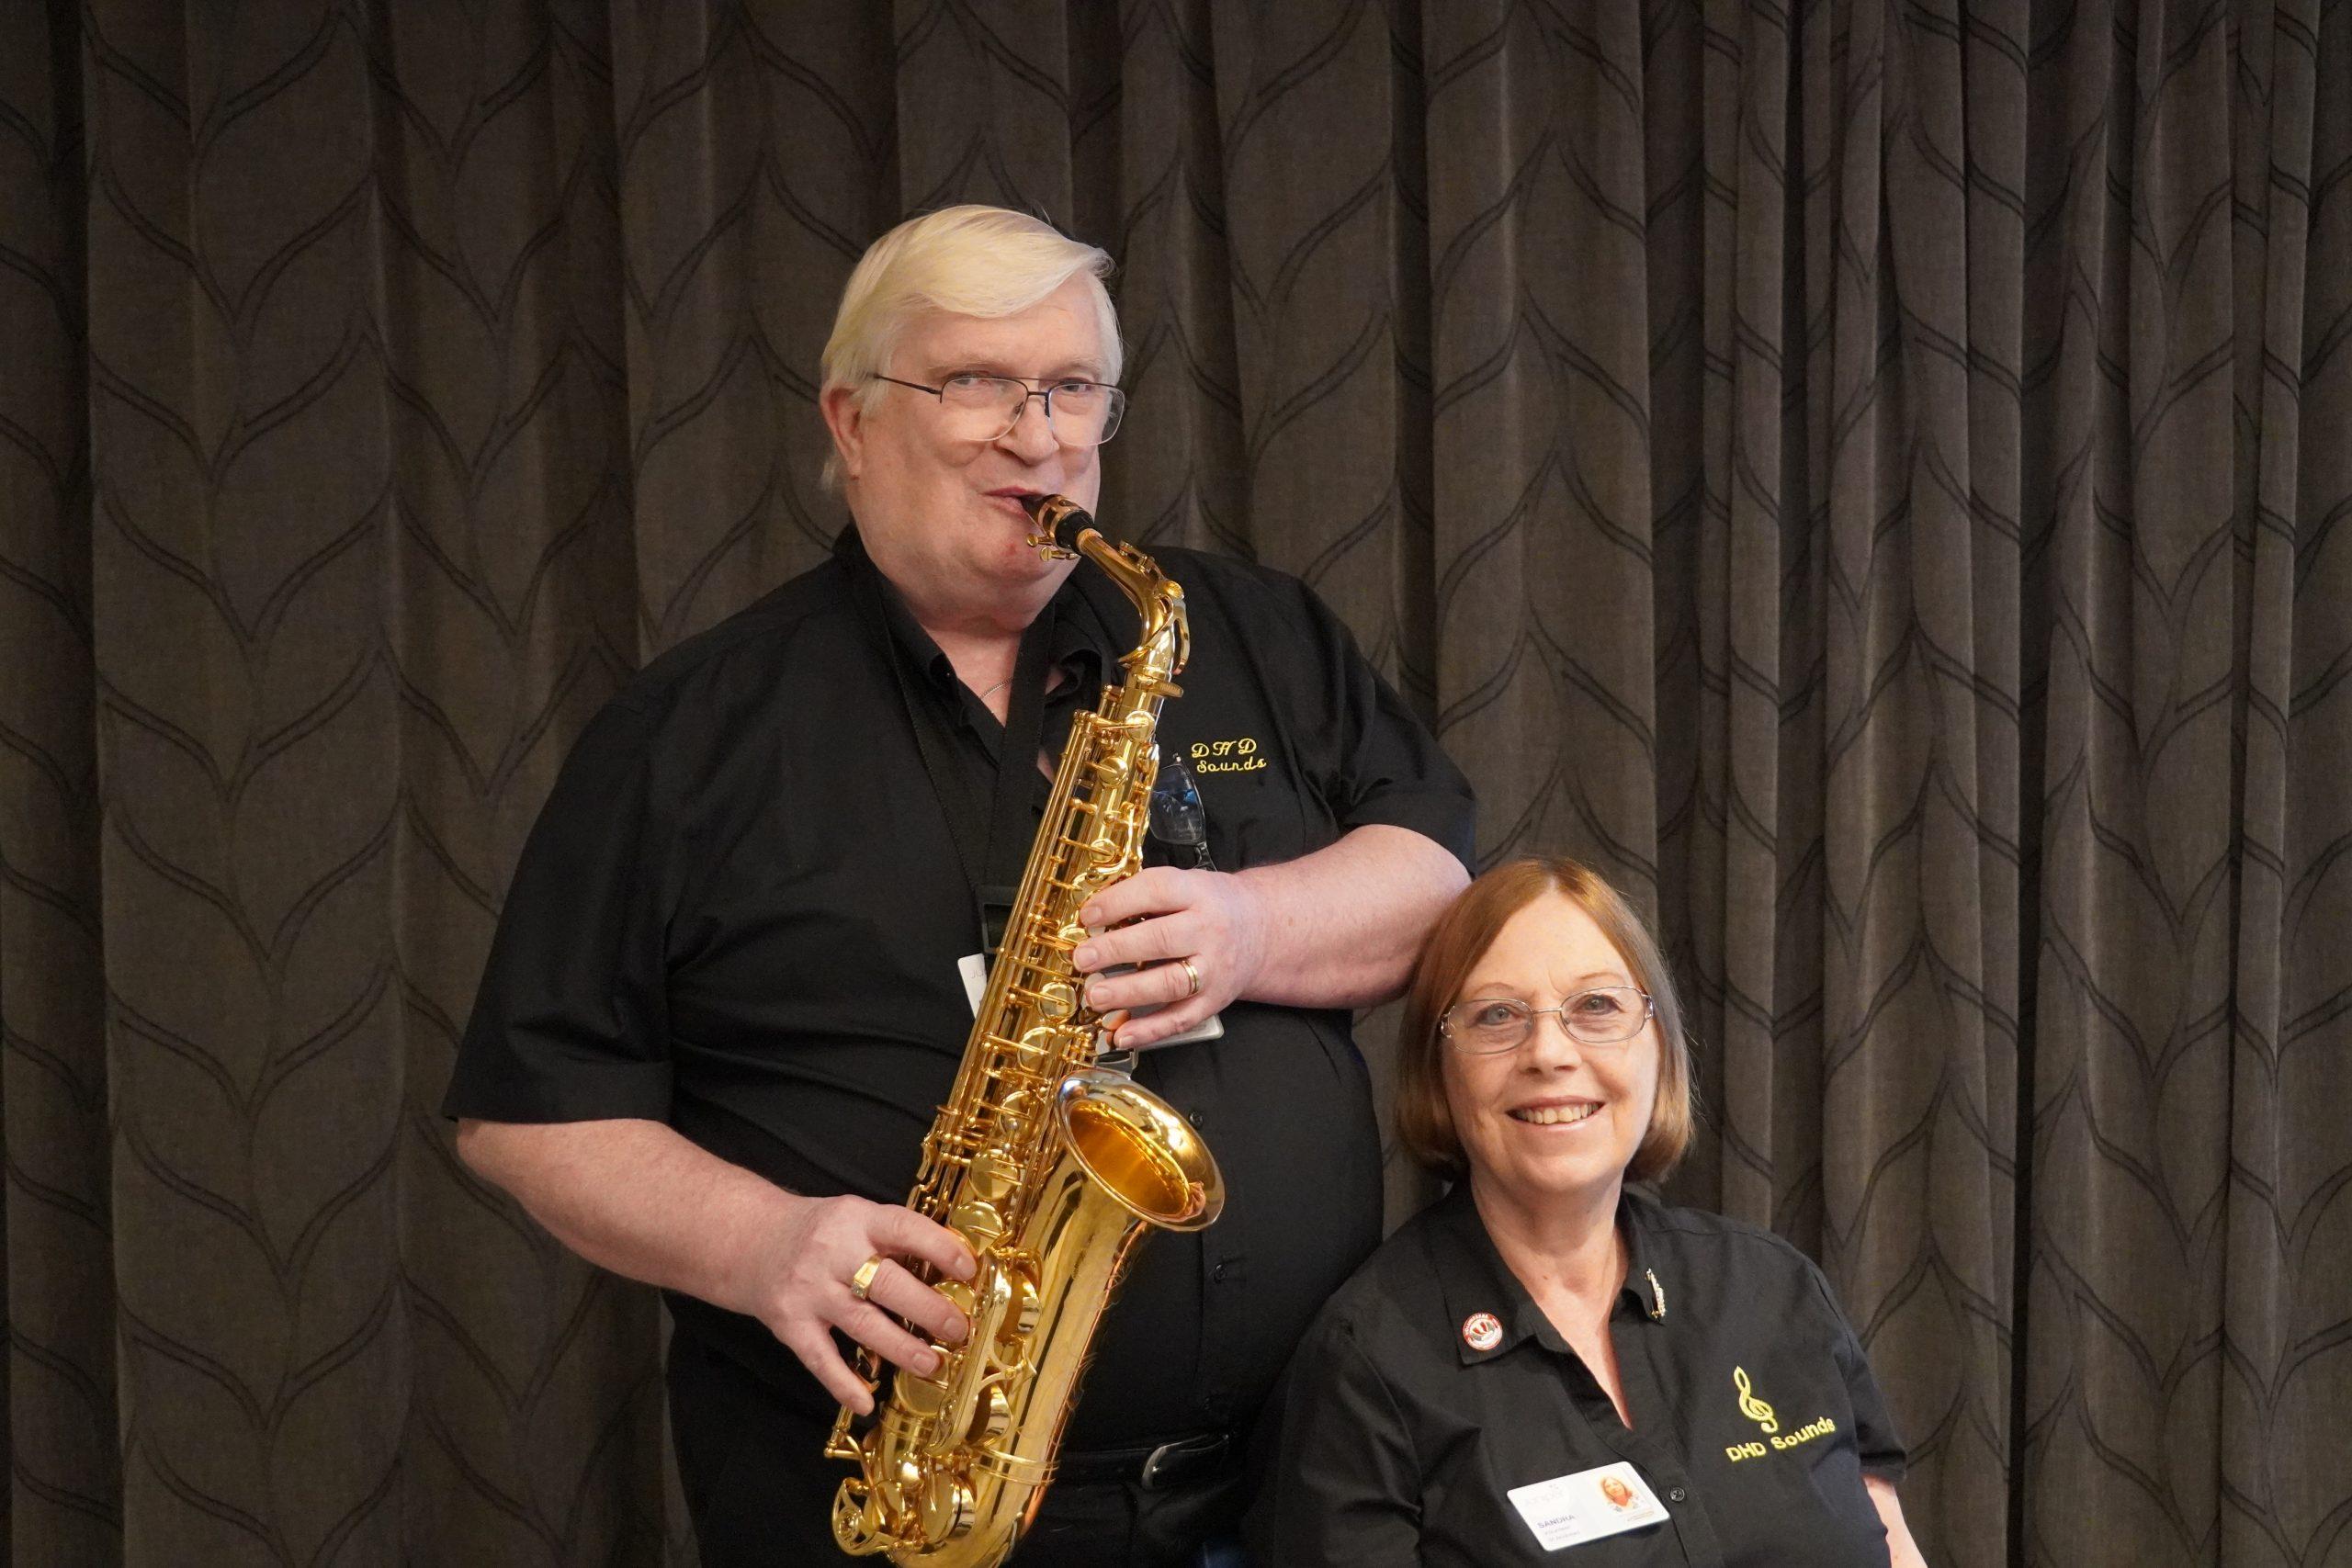 Volunteer-playing-saxophone